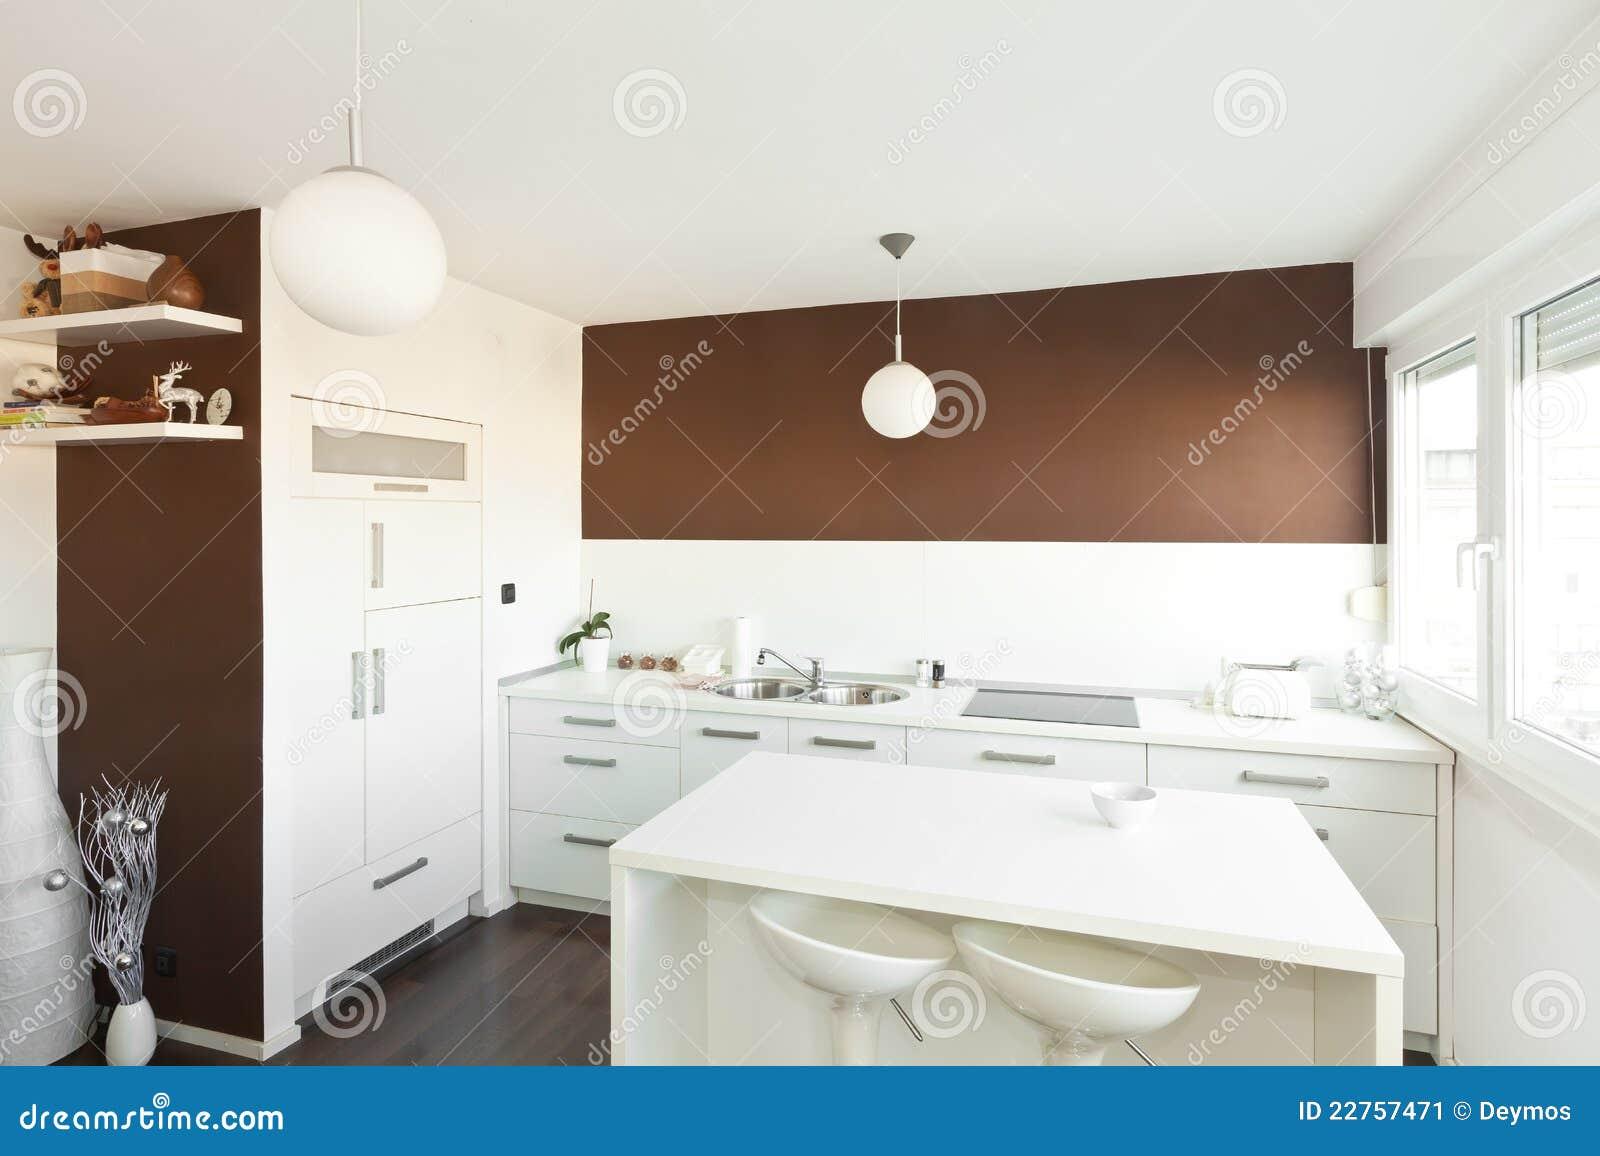 Moderne Keuken Met Bruine Muur Stock Fotografie - Afbeelding: 22757872